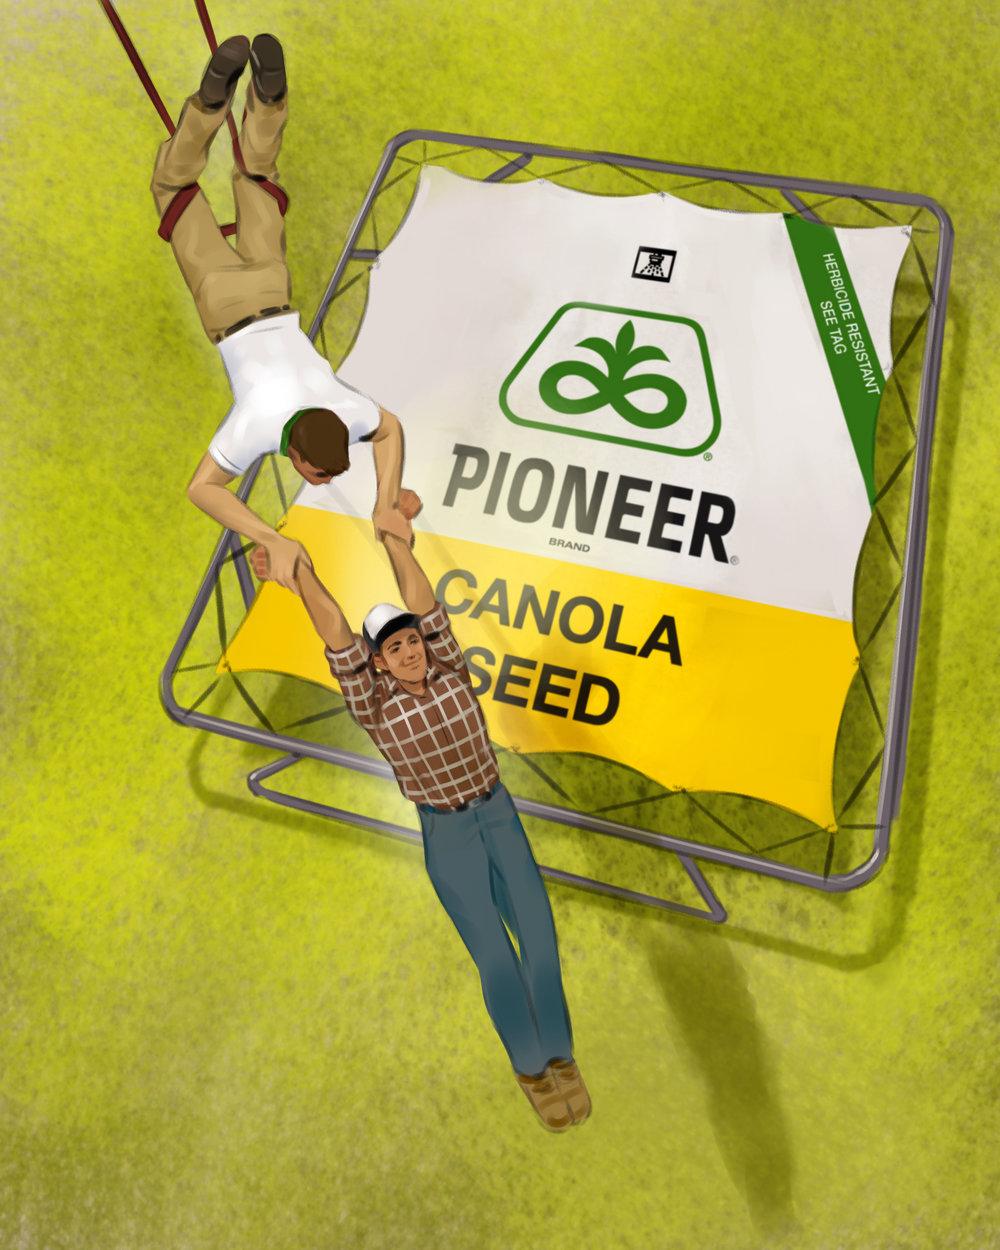 pioneer03final.jpg